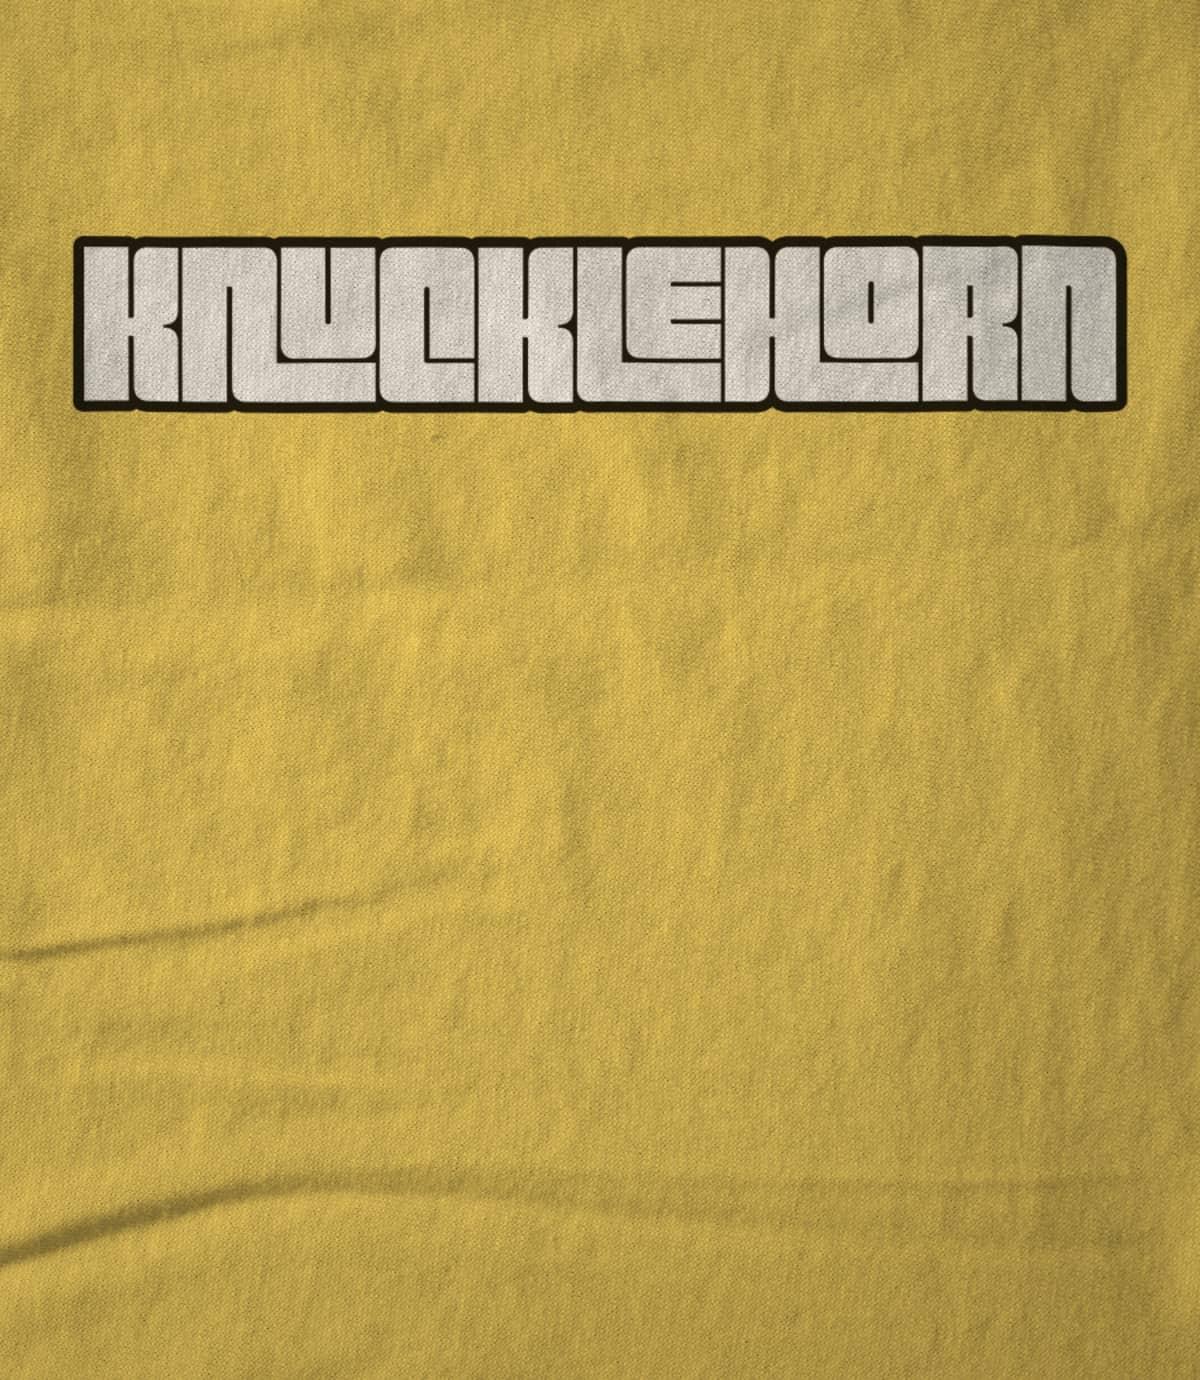 Knucklehorn